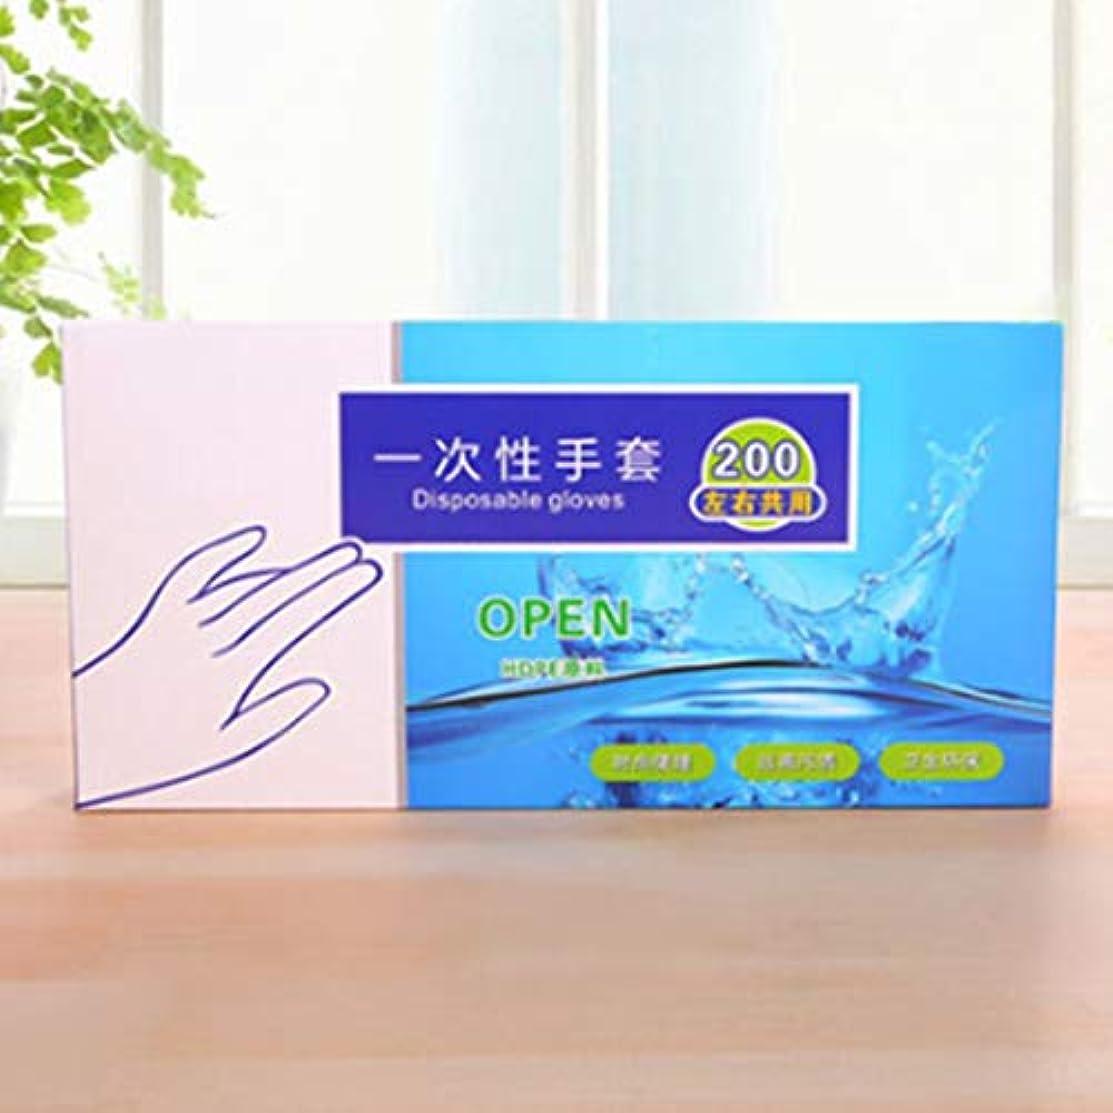 マリナーメタリック興奮SODAOA屋 使い捨て手袋 透明 実用 衛生 プラスチック 調理 お掃除 毛染め 100枚/200枚 (200)